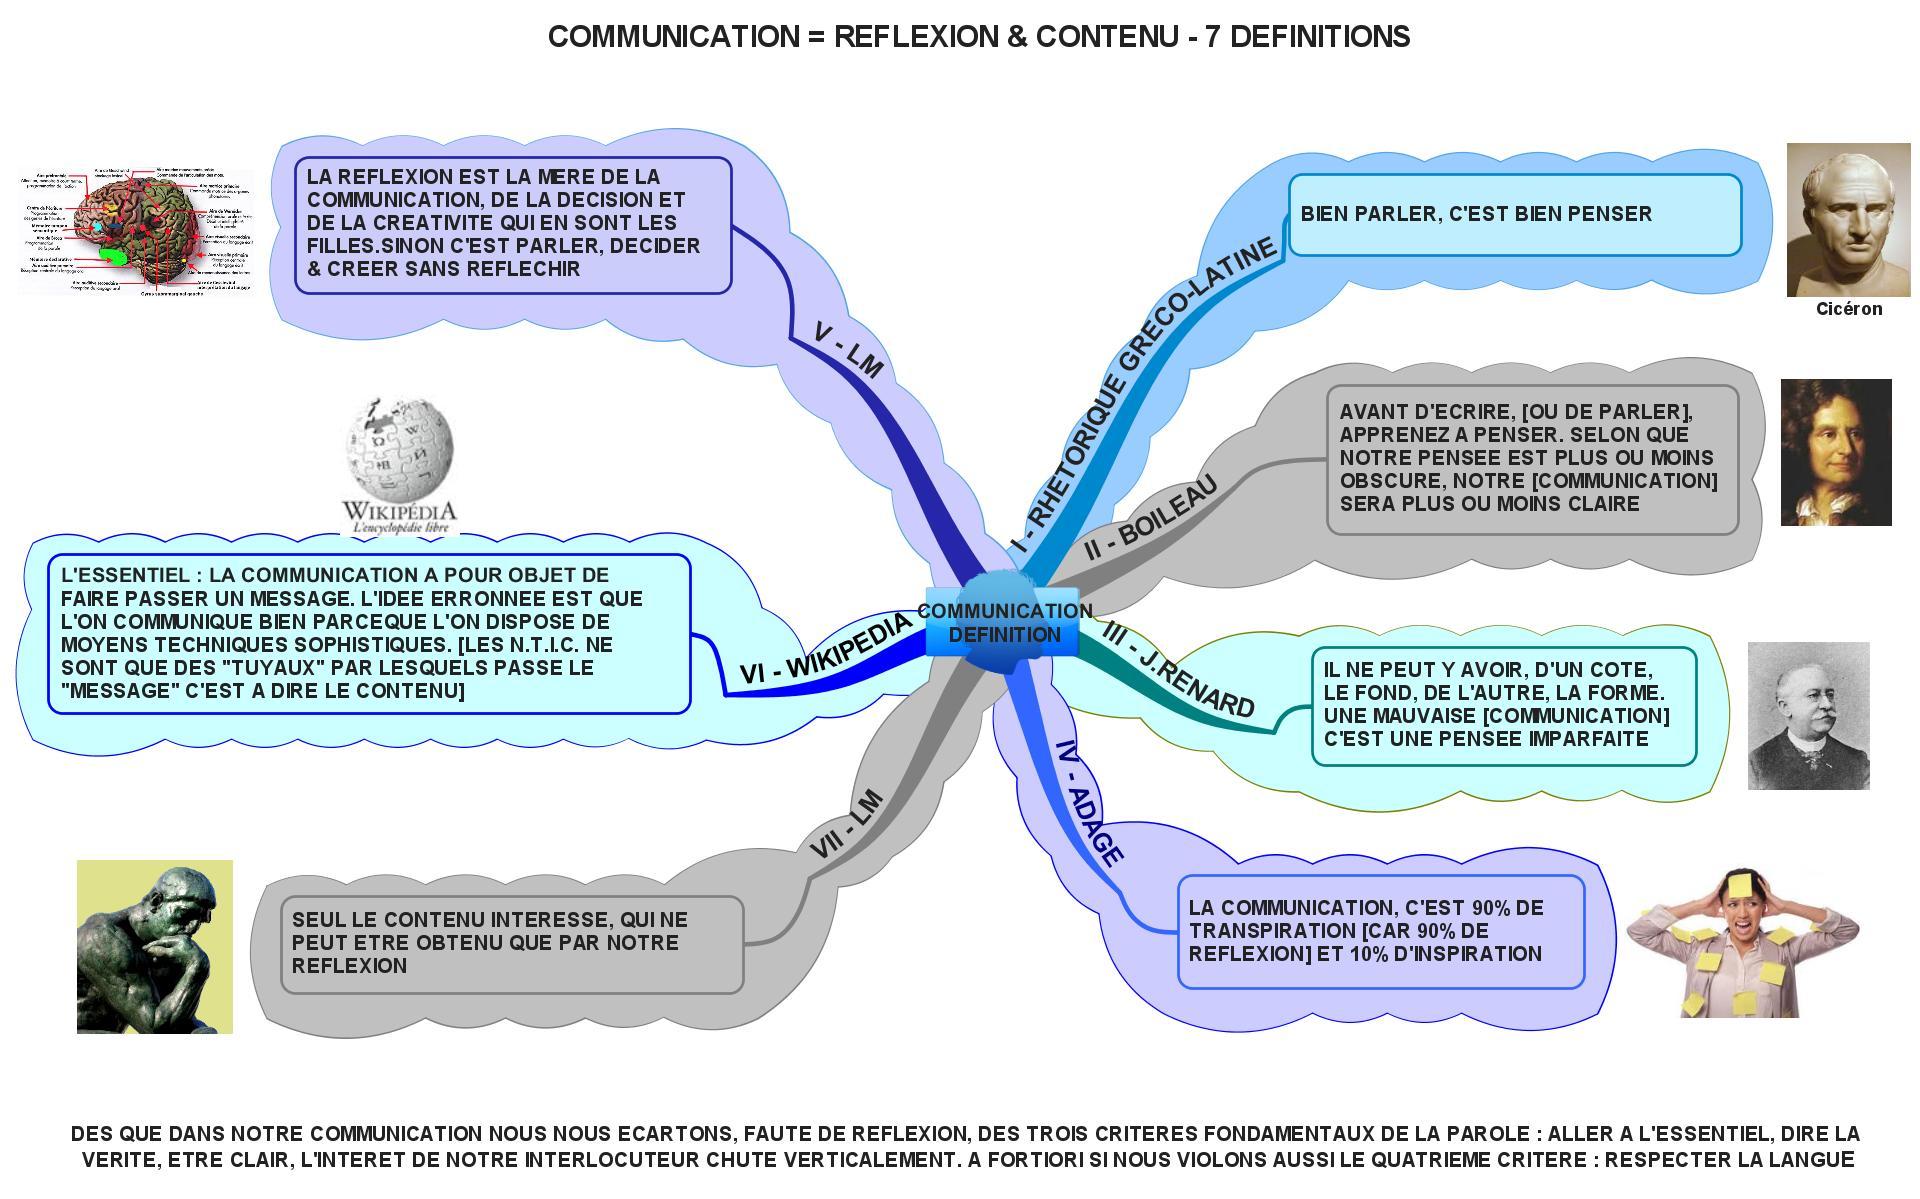 Communication = réflexion + contenu – 7 définitions que l'on ne trouve nulle part ailleurs